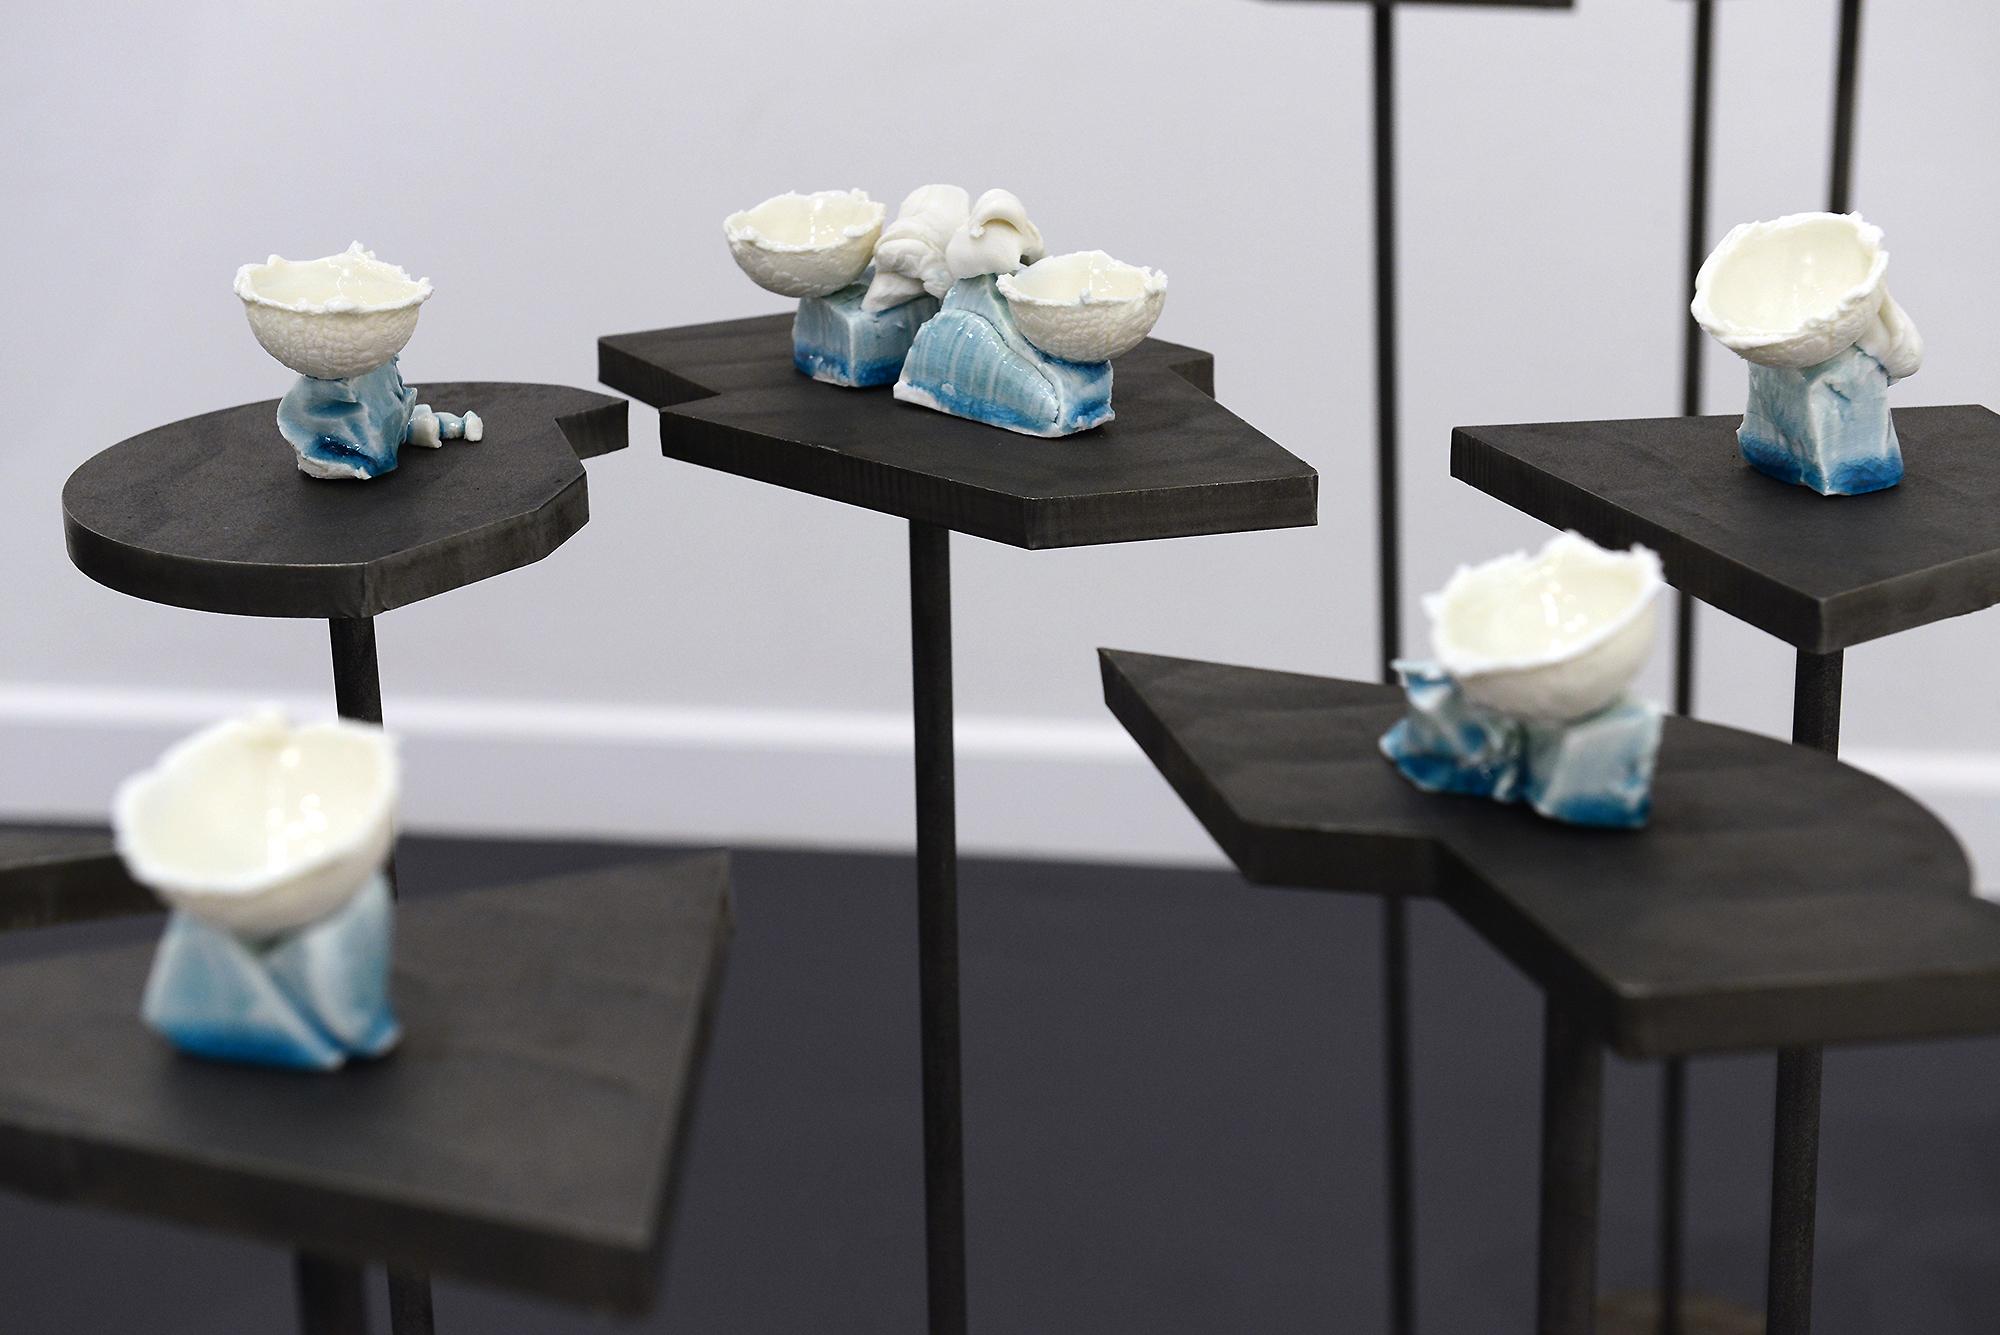 Porcelain + glaze + steel,76 x 120 x 91 cm